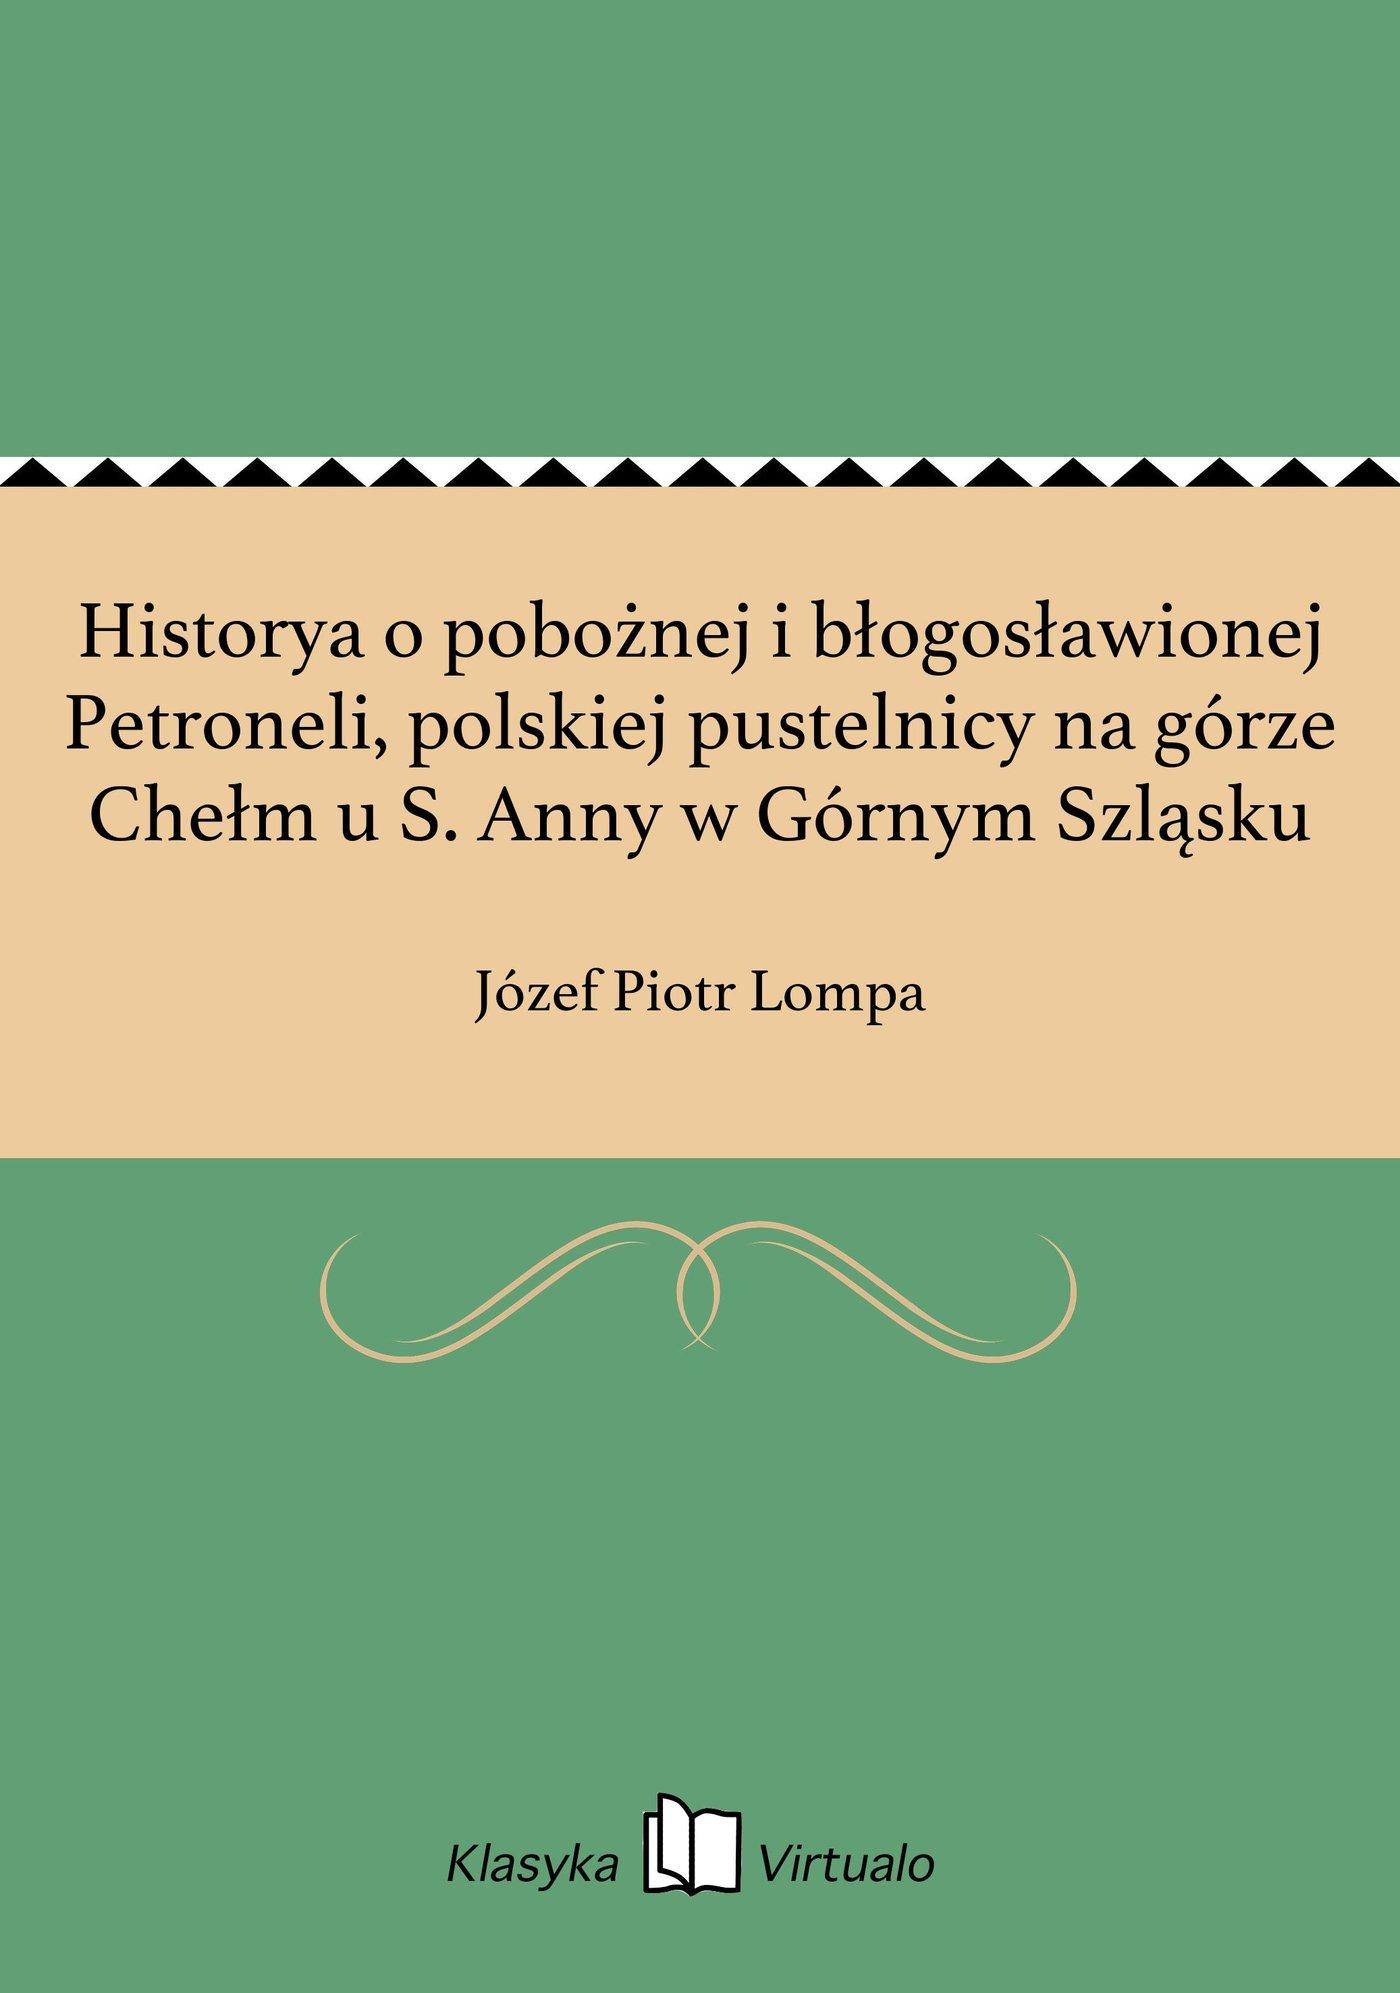 Historya o pobożnej i błogosławionej Petroneli, polskiej pustelnicy na górze Chełm u S. Anny w Górnym Szląsku - Ebook (Książka EPUB) do pobrania w formacie EPUB